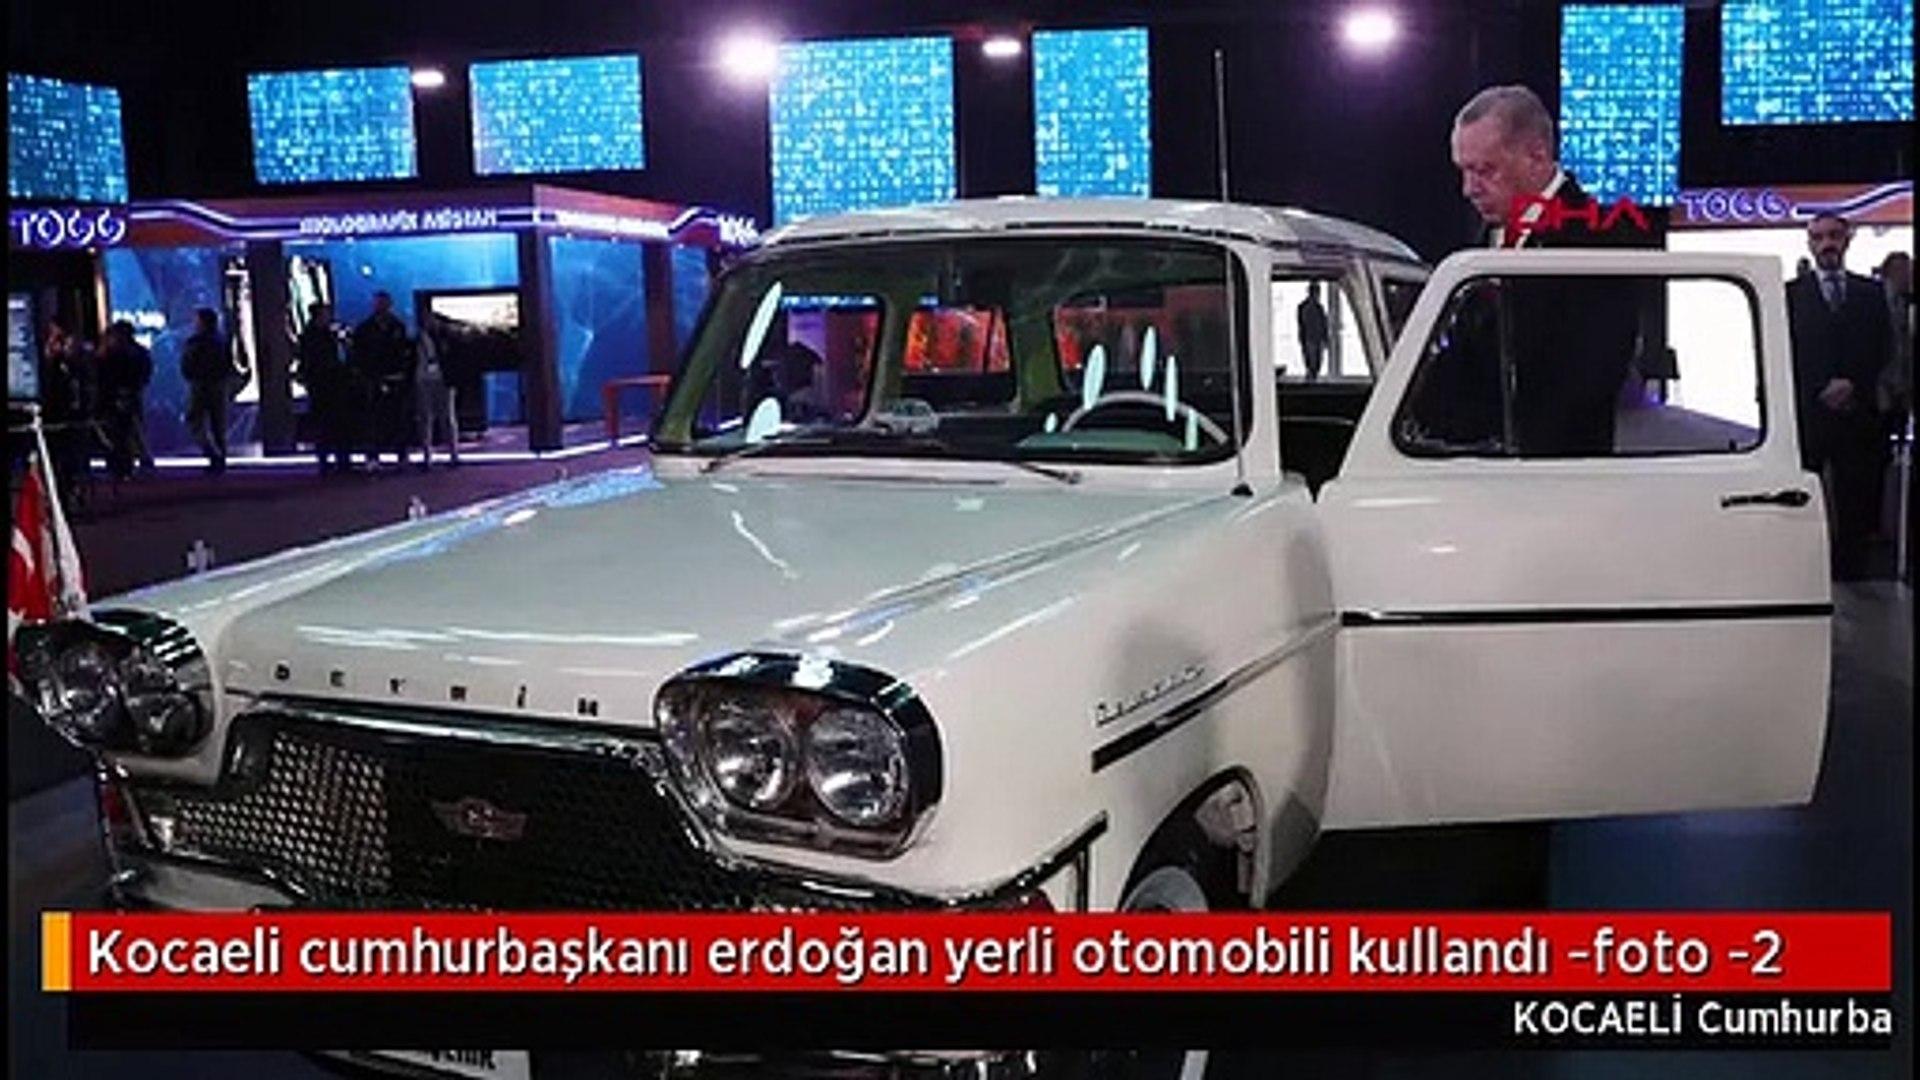 Kocaeli cumhurbaşkanı erdoğan yerli otomobili kullandı -foto -2